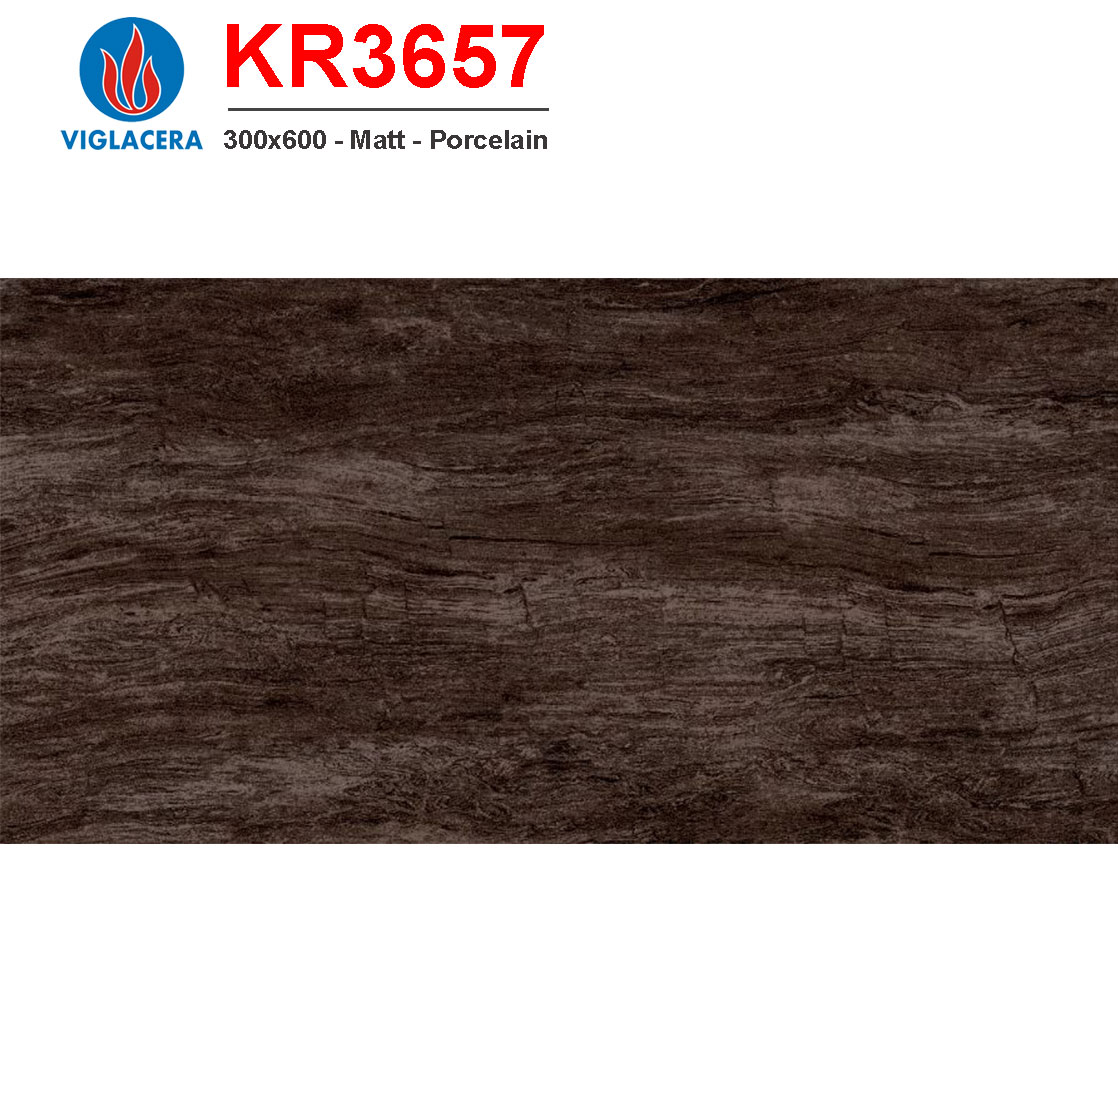 Gạch ốp lát Viglacera 300x600 KR3657 giá rẻ